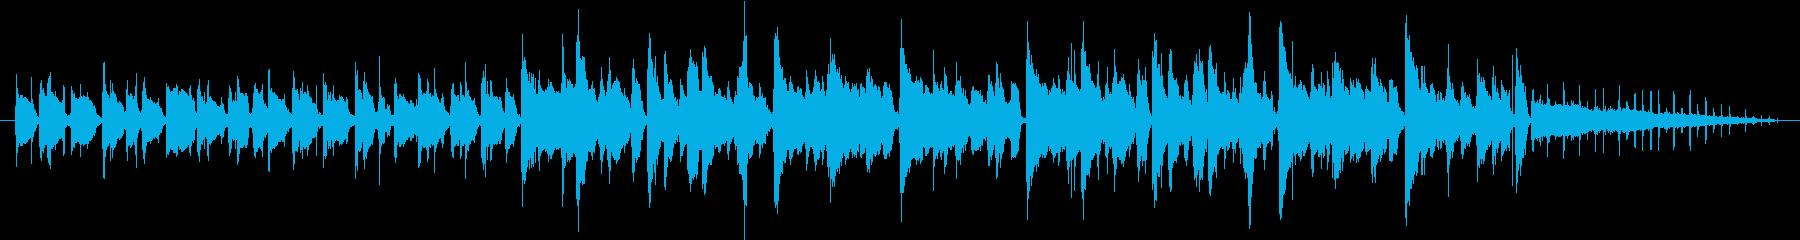 ココロ翔ける午後〜軽やかな音のボッサ〜の再生済みの波形